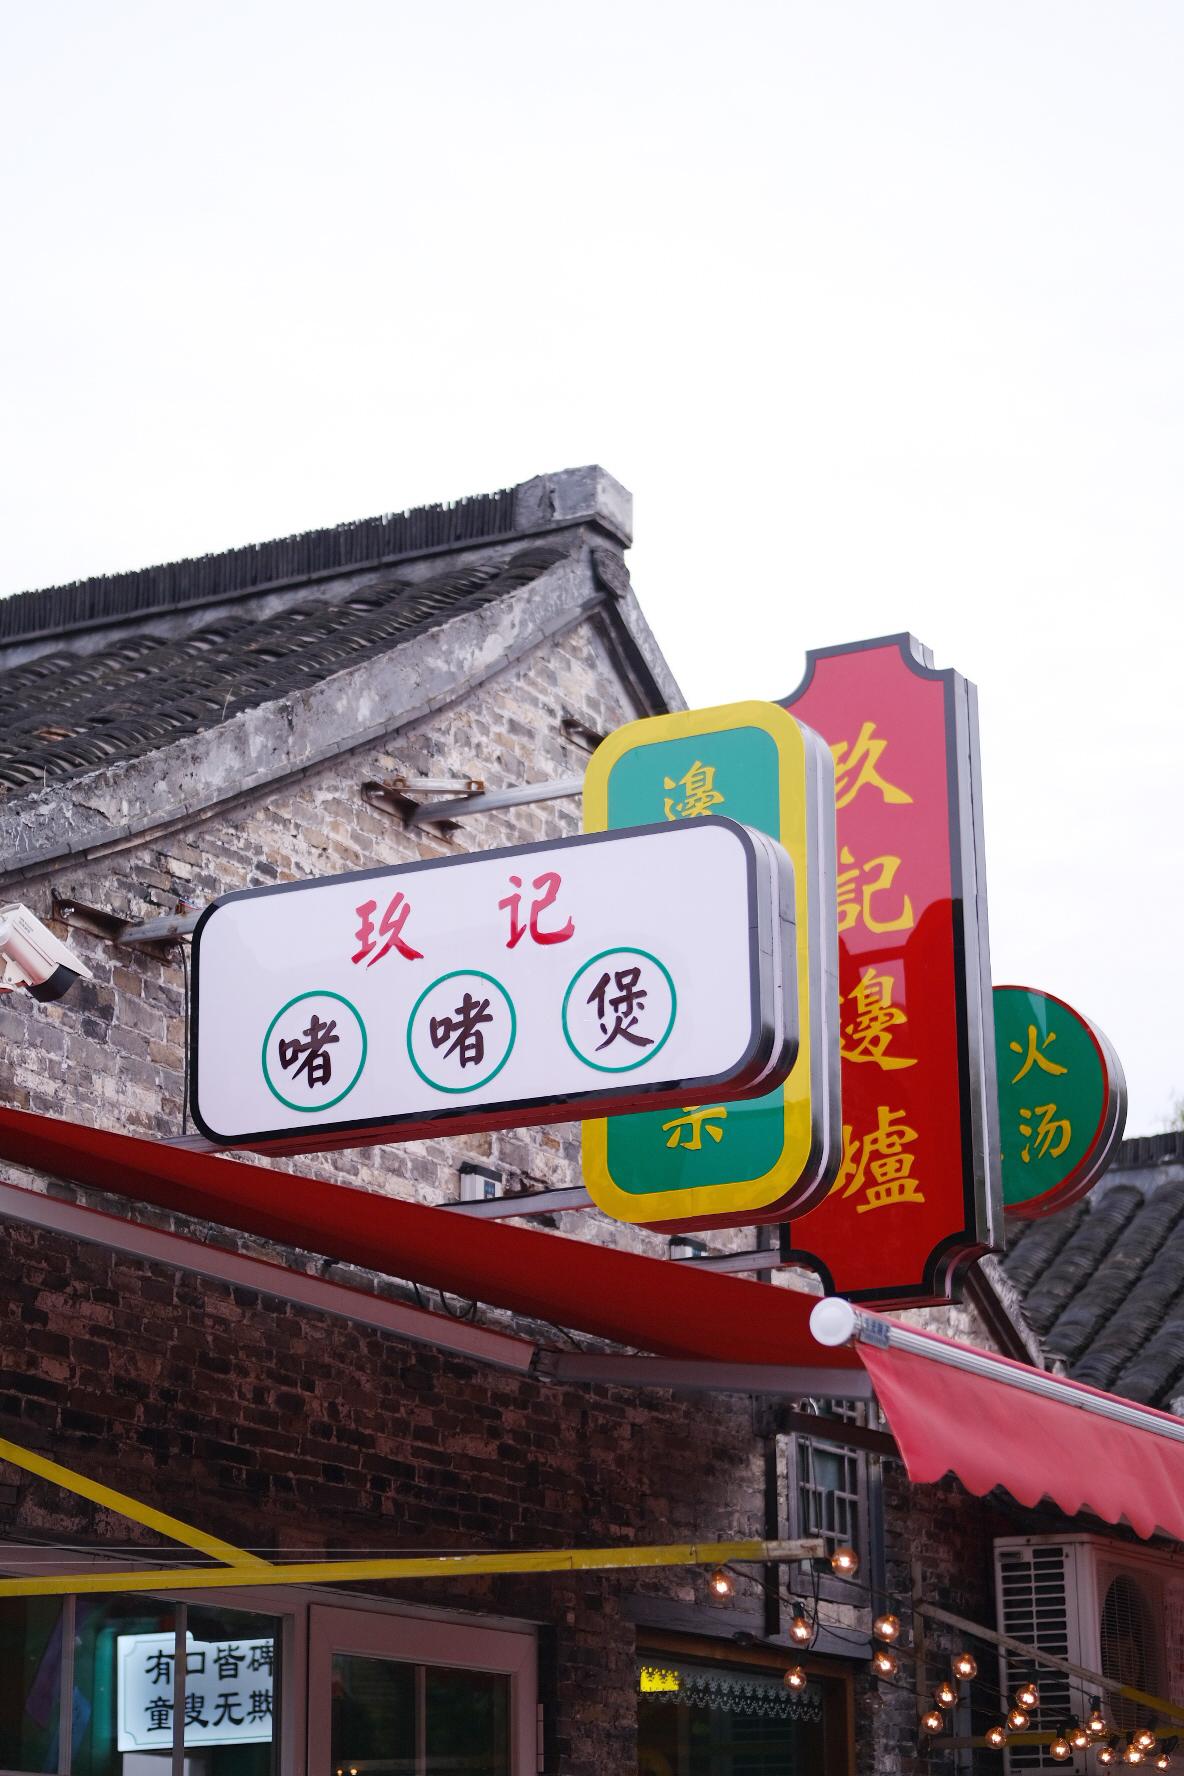 玖记边炉做踏实的老扬州味道不排队用餐全靠运气